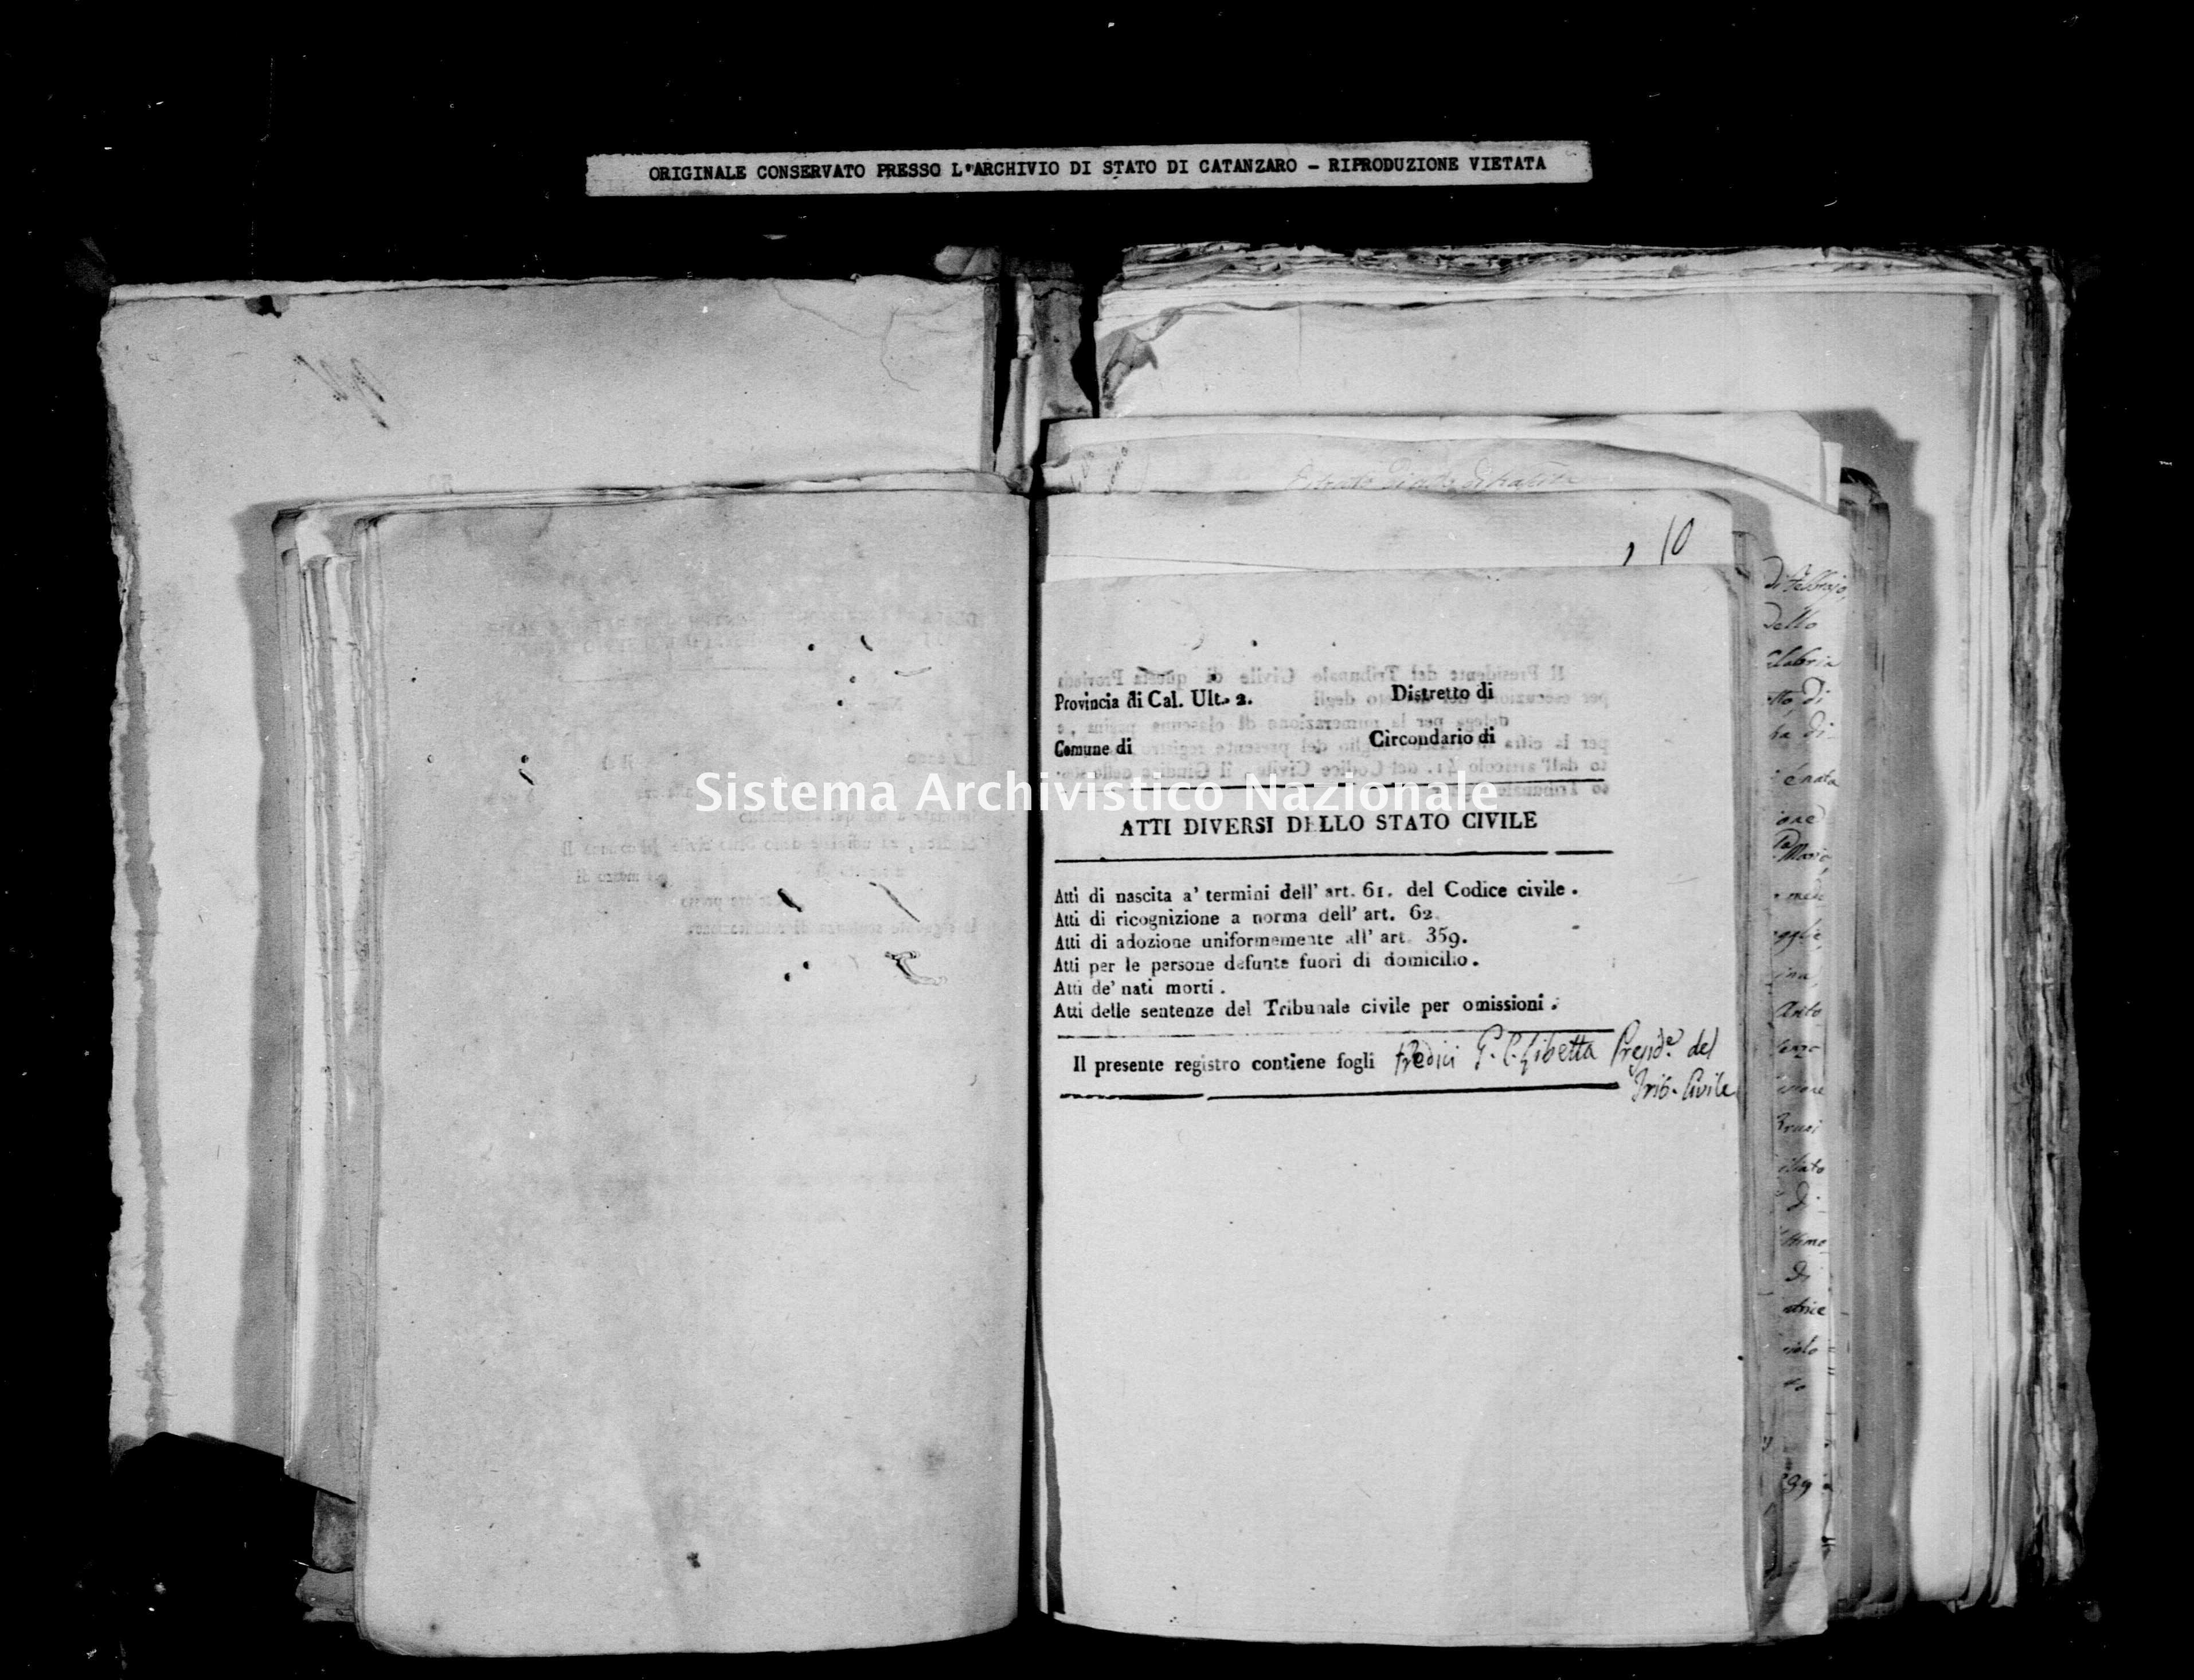 Archivio di stato di Catanzaro - Stato civile della restaurazione - Calabrò - Diversi - 1831 -